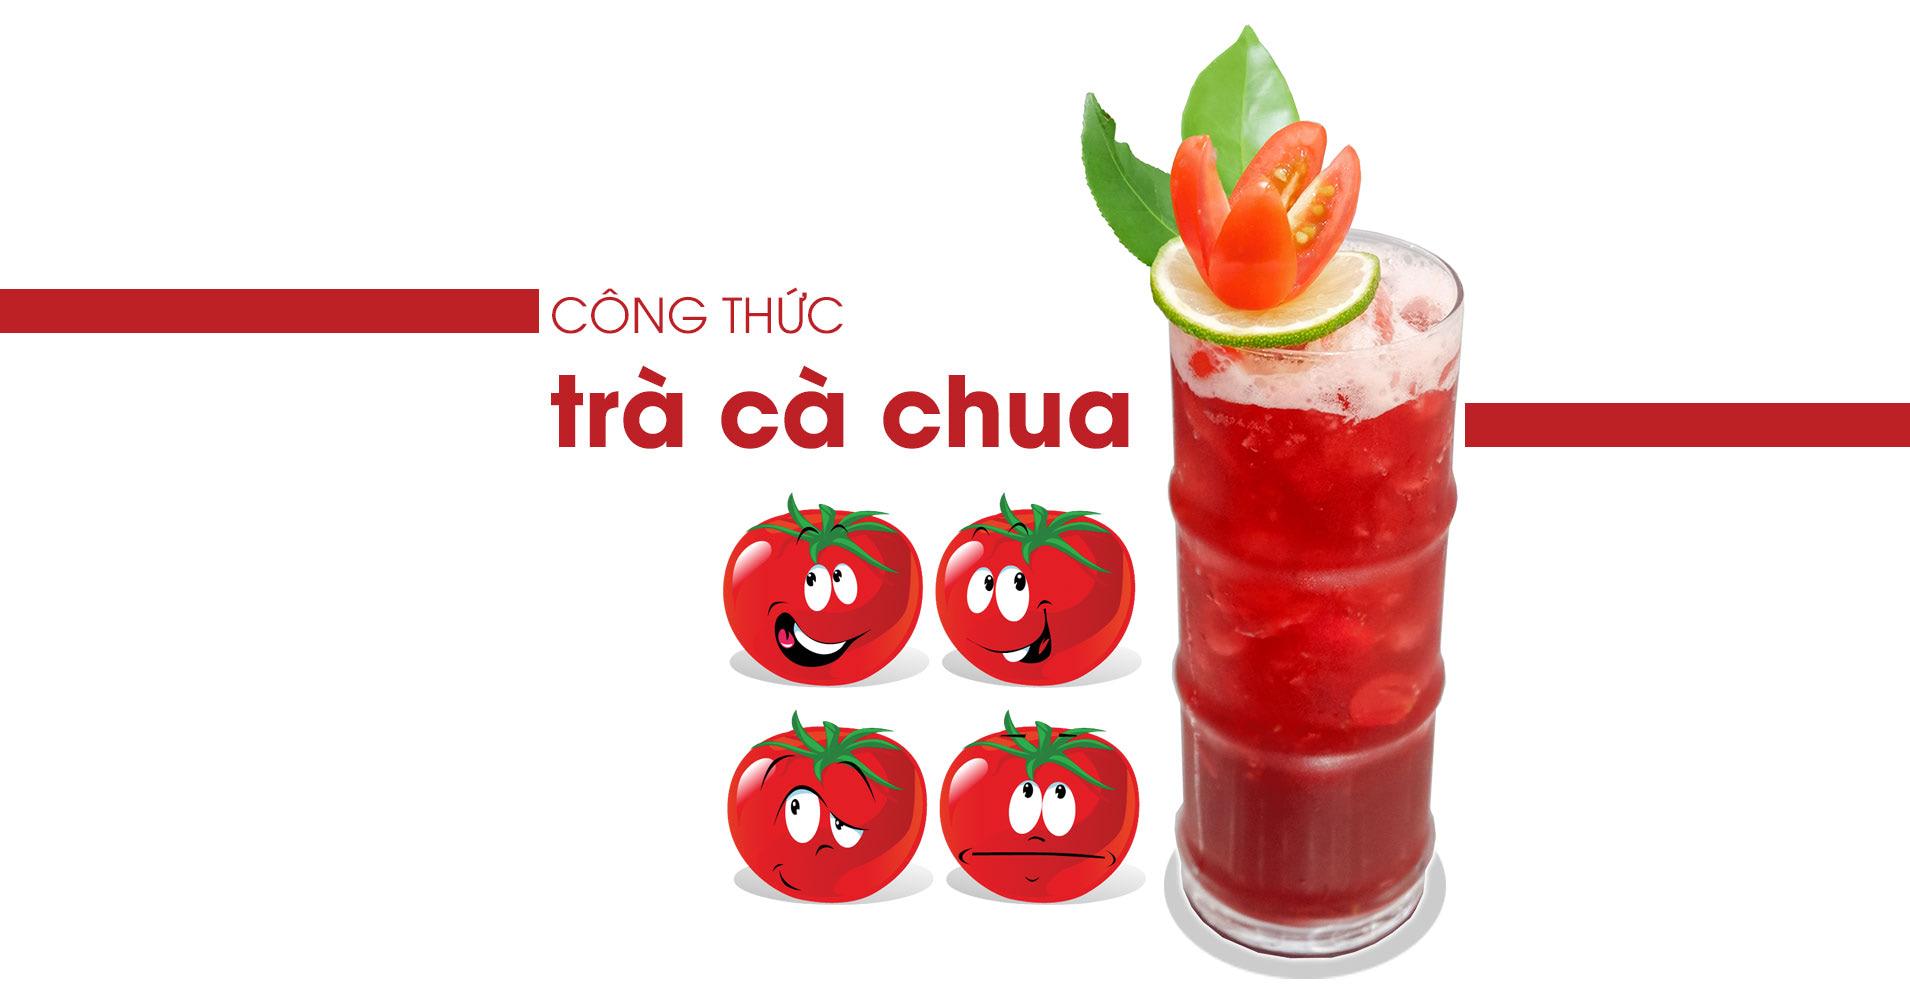 công thức trà cà chua